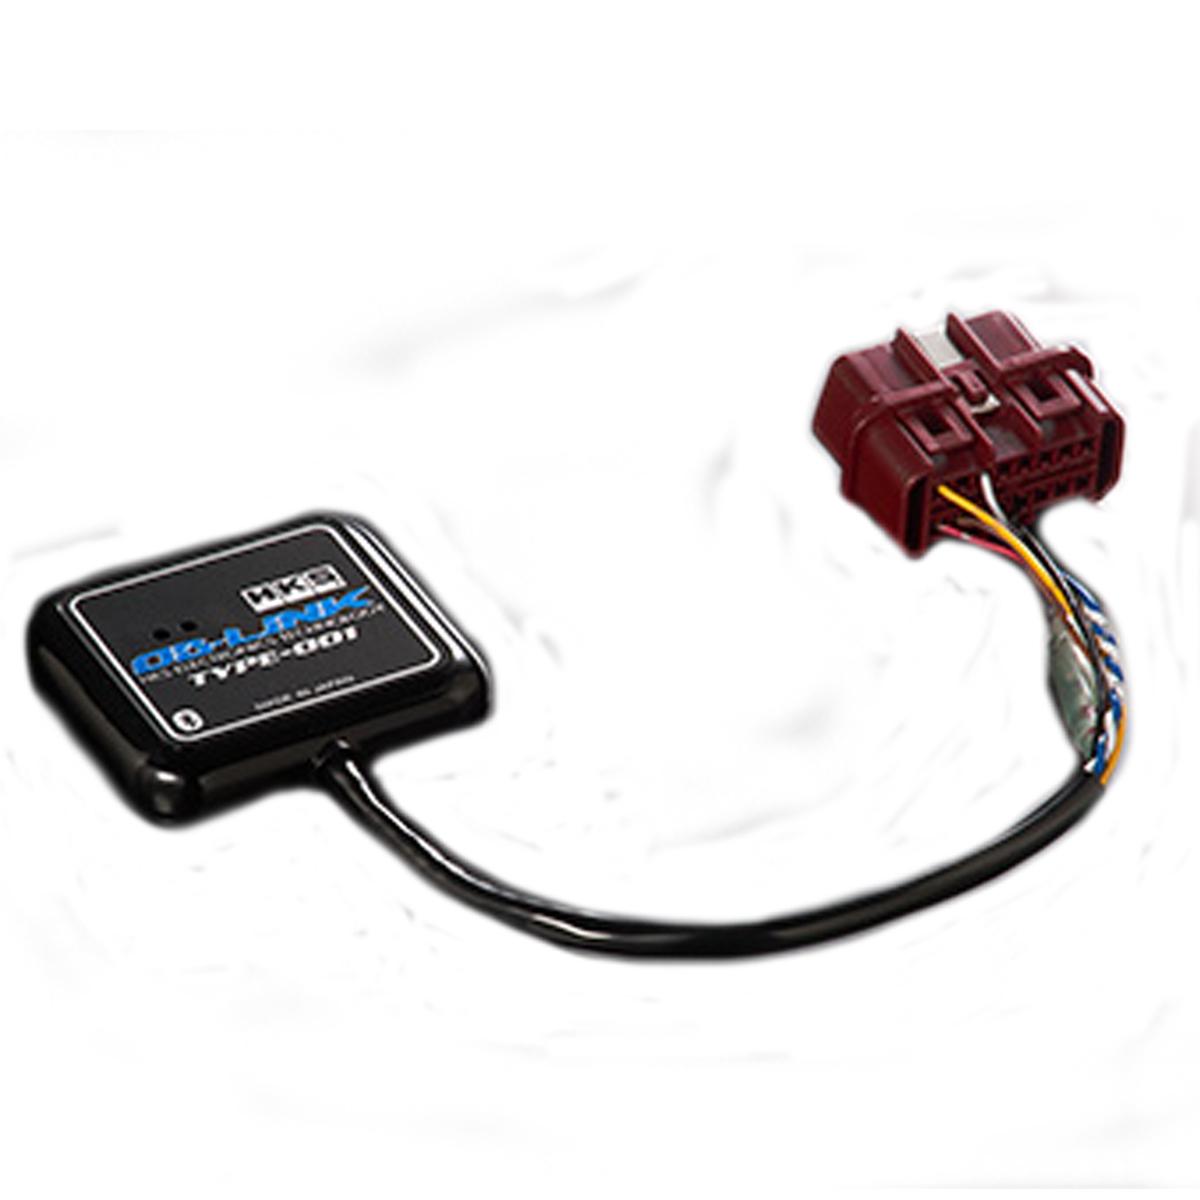 インプレッサ モニター OBリンク タイプ 001 GH7 HKS 44009-AK002 エレクトリニクス 個人宅発送追金有